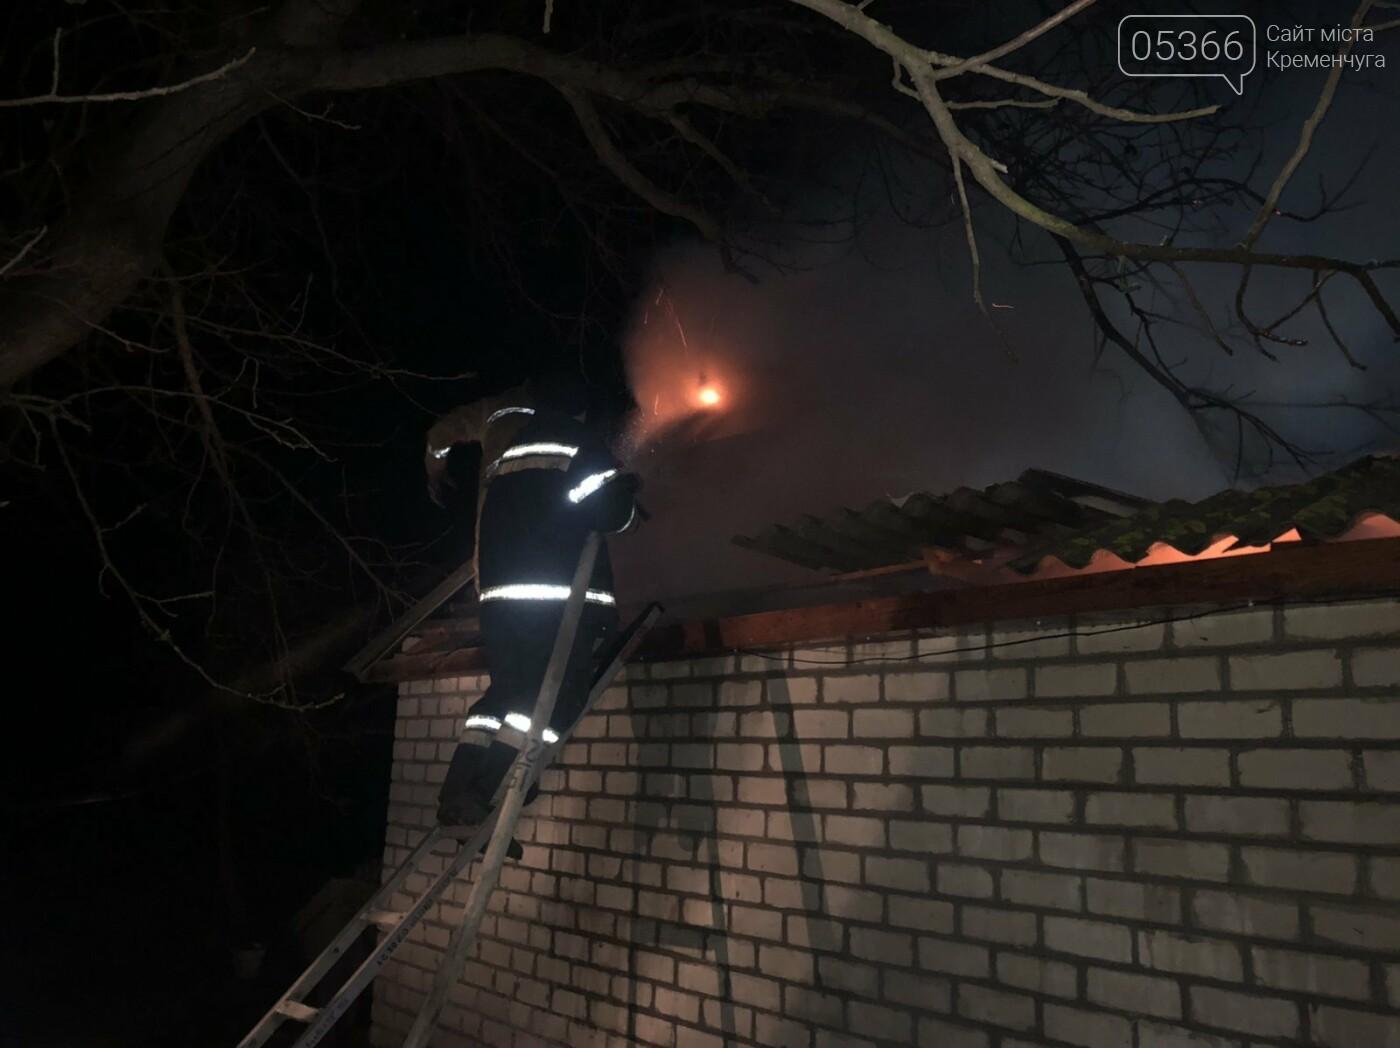 У Кременчуцькому районі сталася пожежа в гаражі. Фото, фото-2